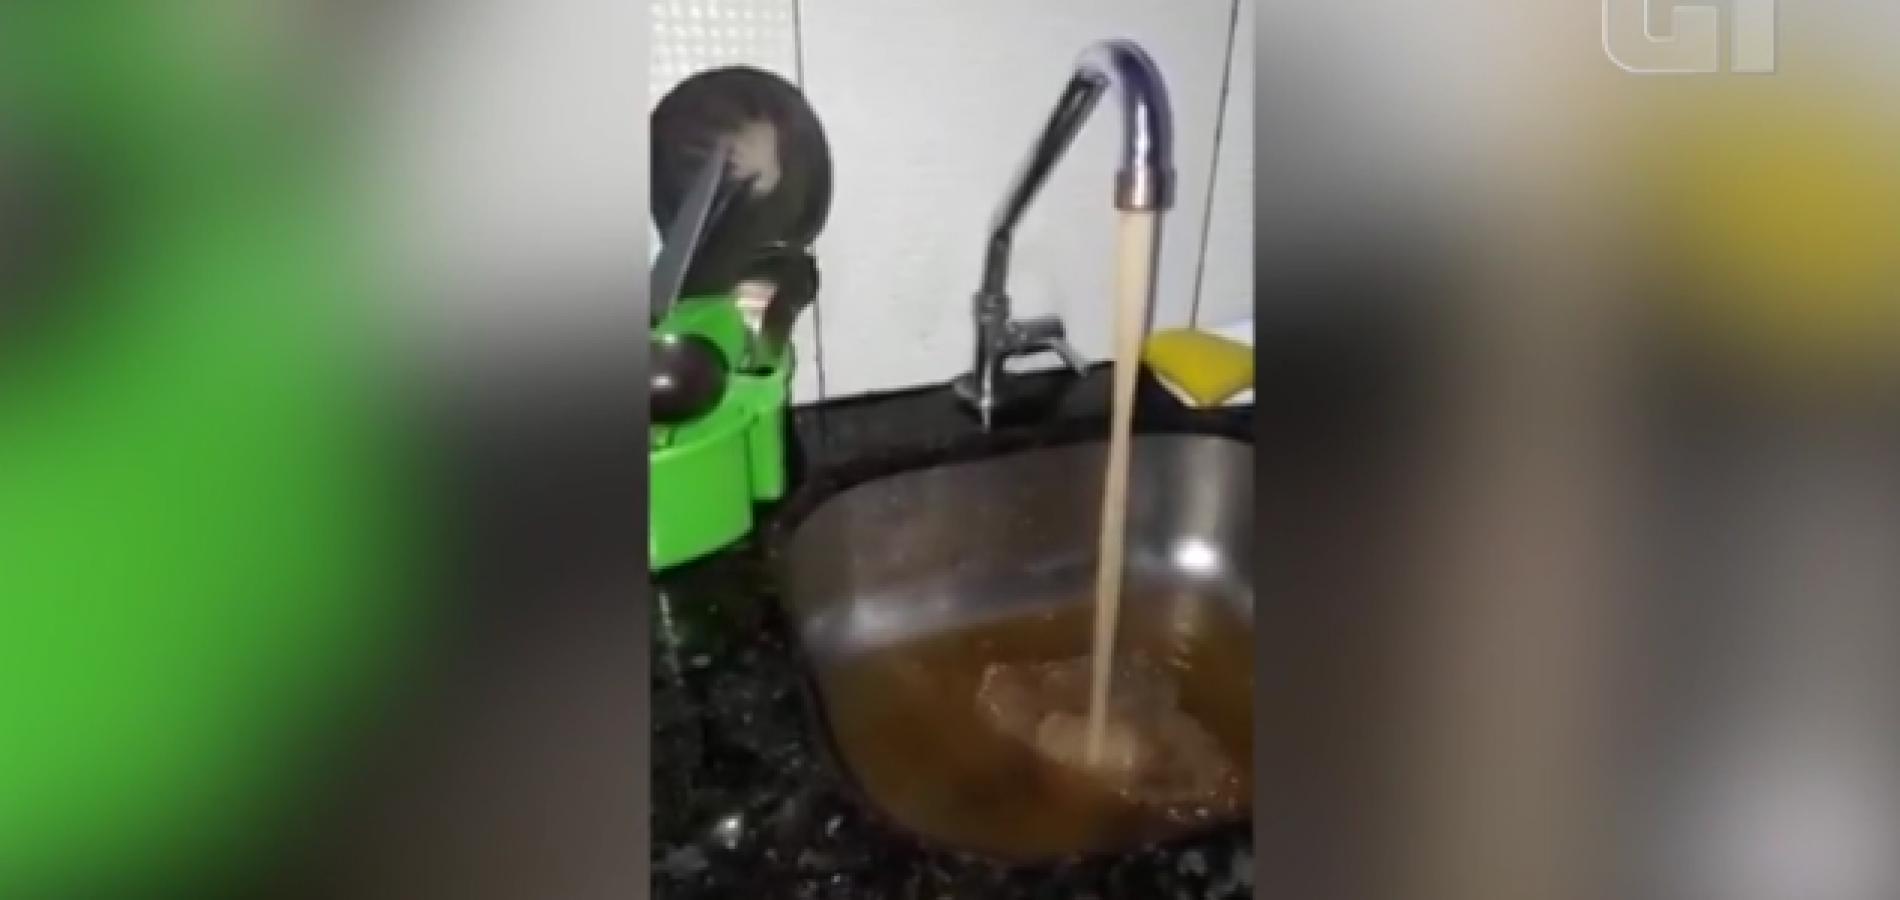 Imagens mostram água barrenta em torneira de residência no Piauí; moradores reclamam de má qualidade